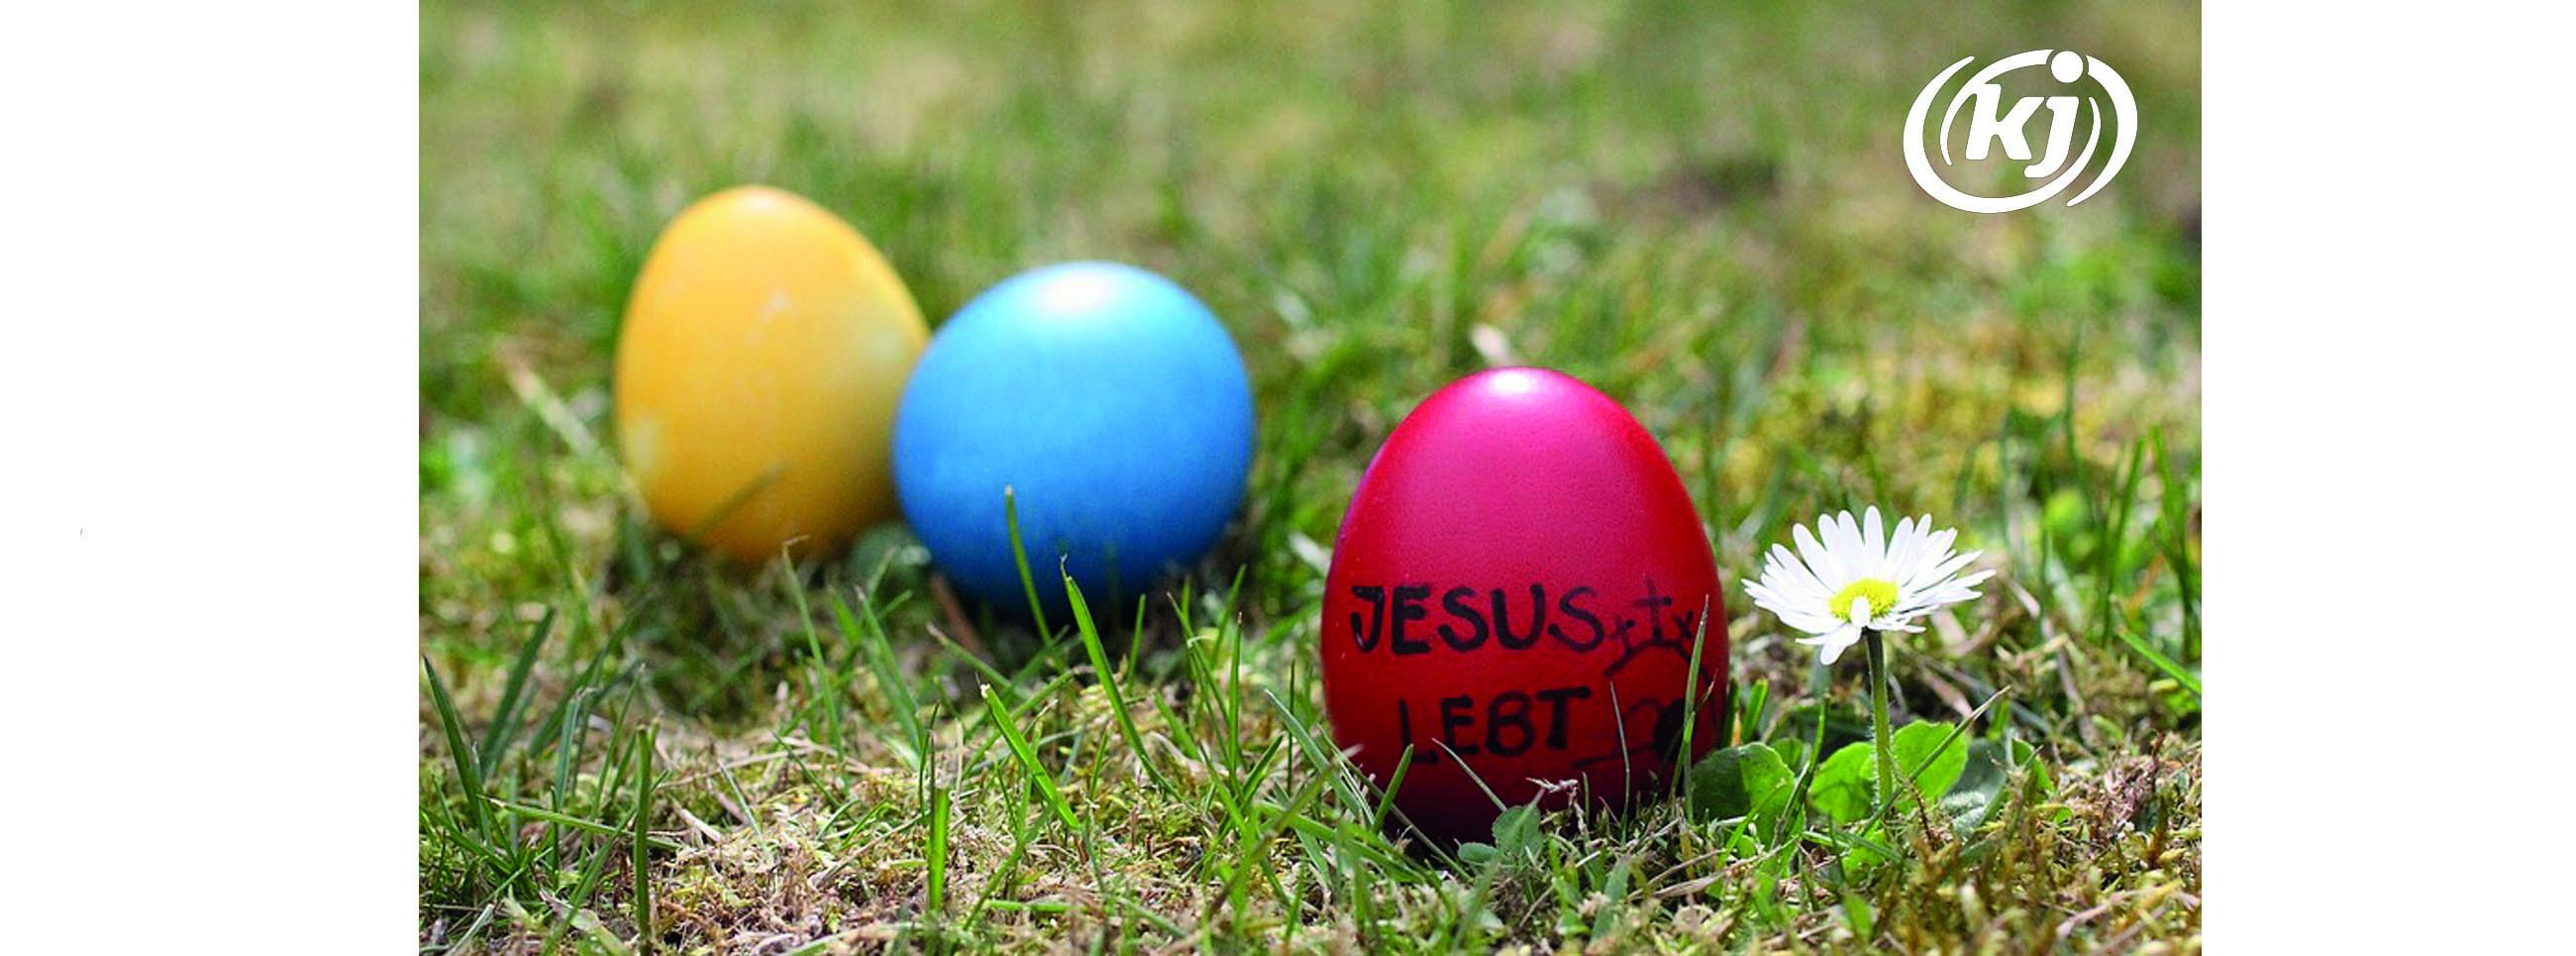 Ostereier Jesus lebt!